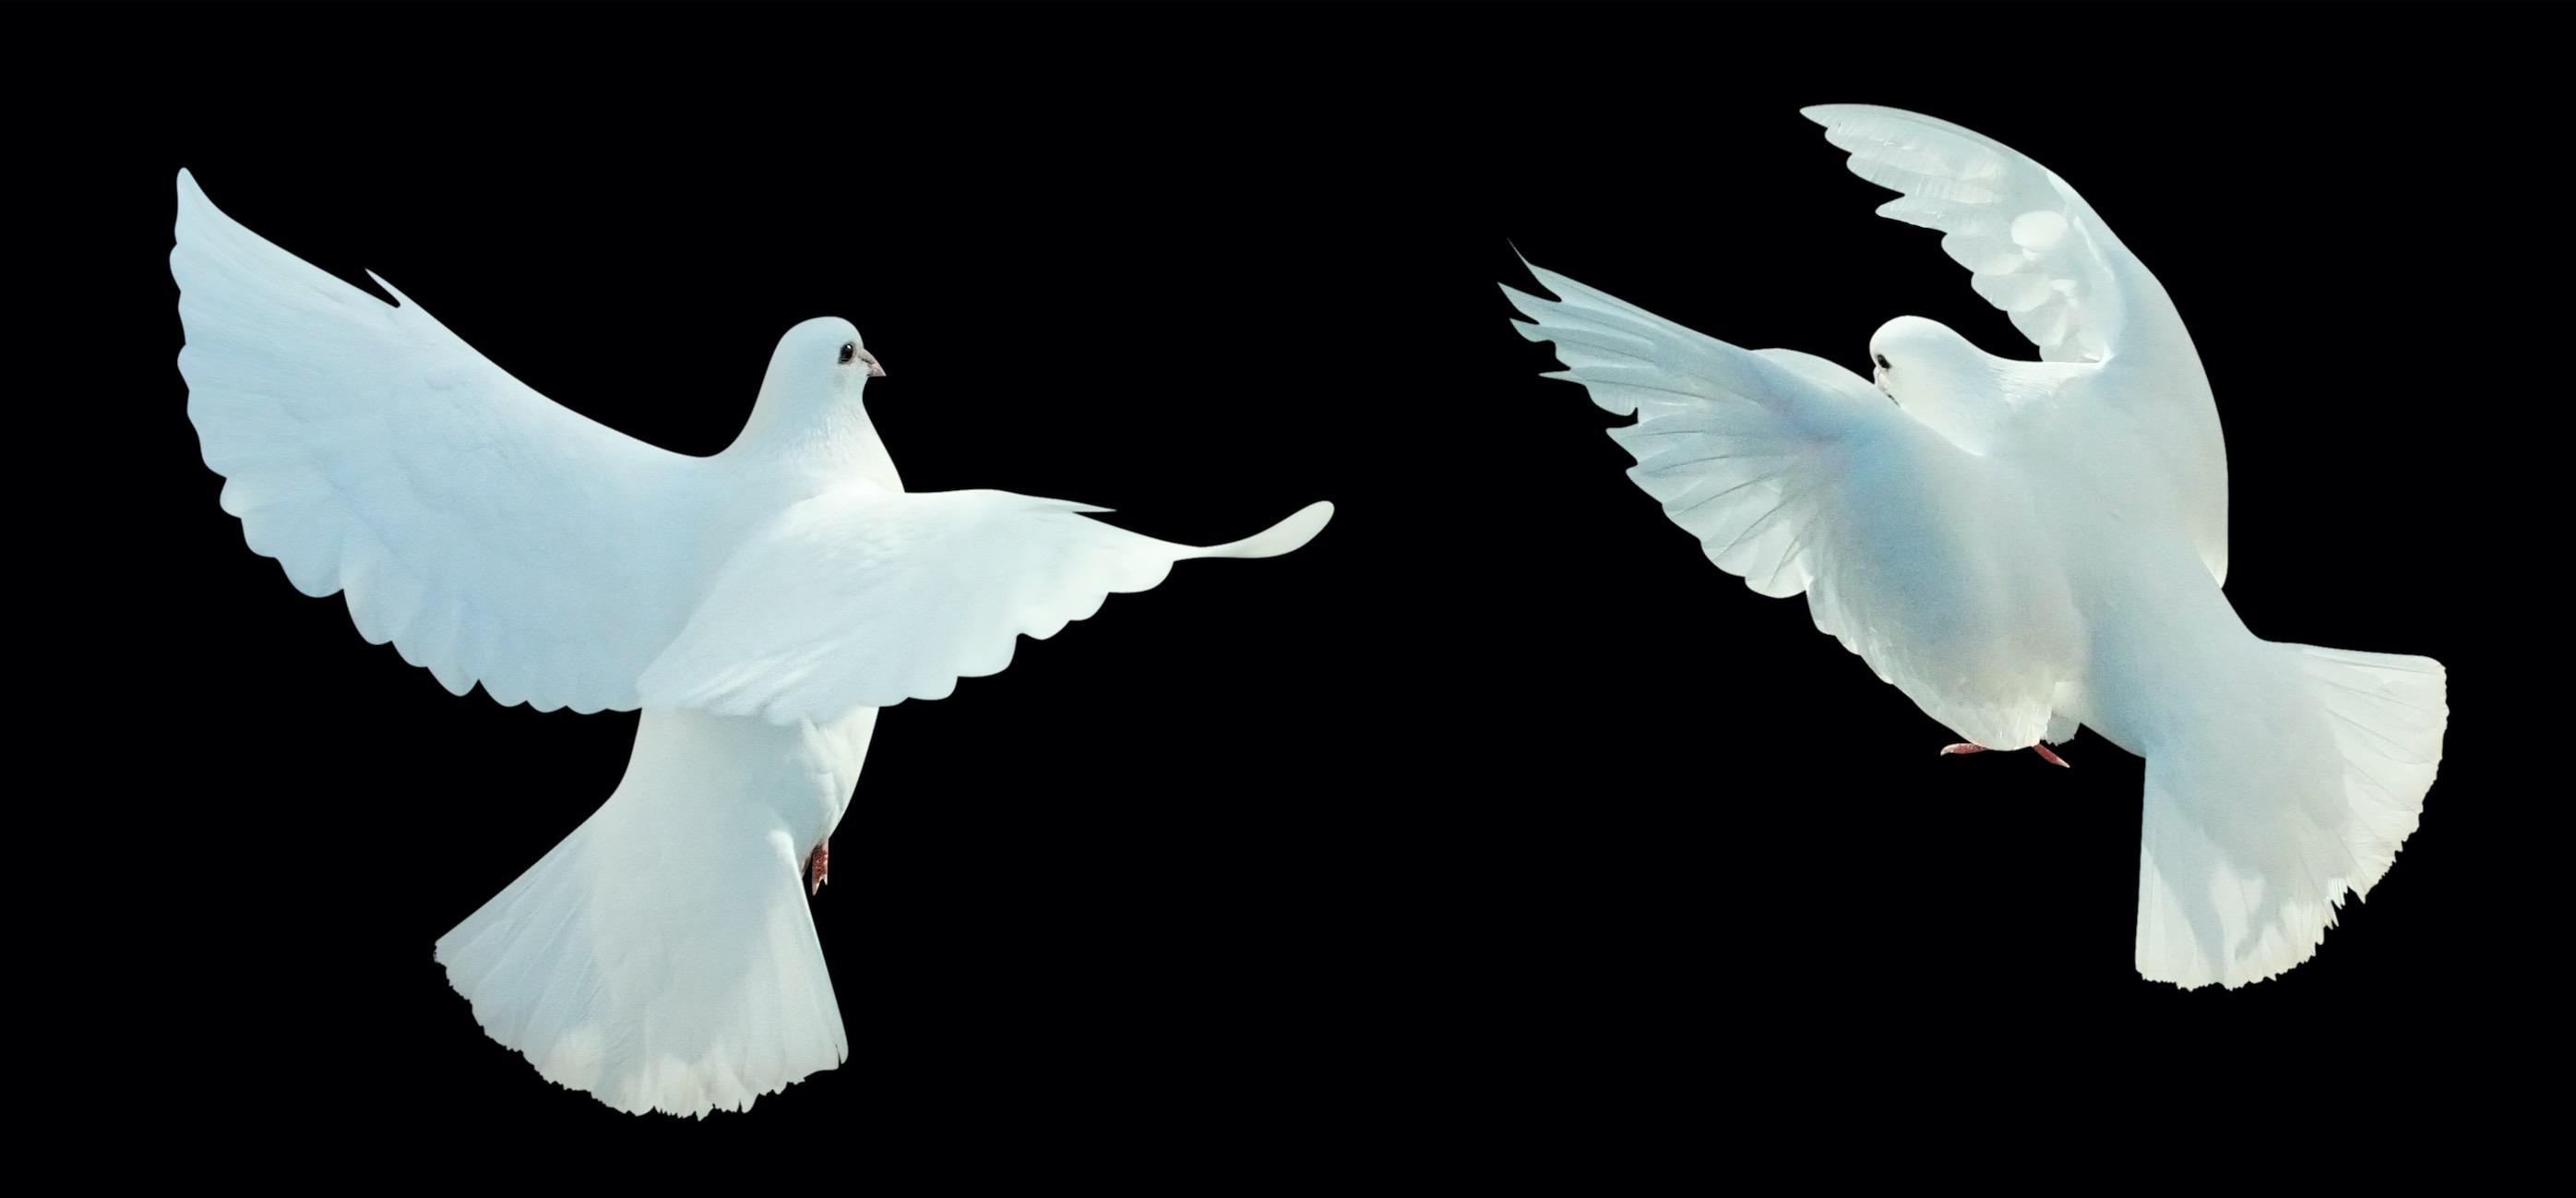 Von der Verletzung zur Vergebung – Eine wahre Geschichte